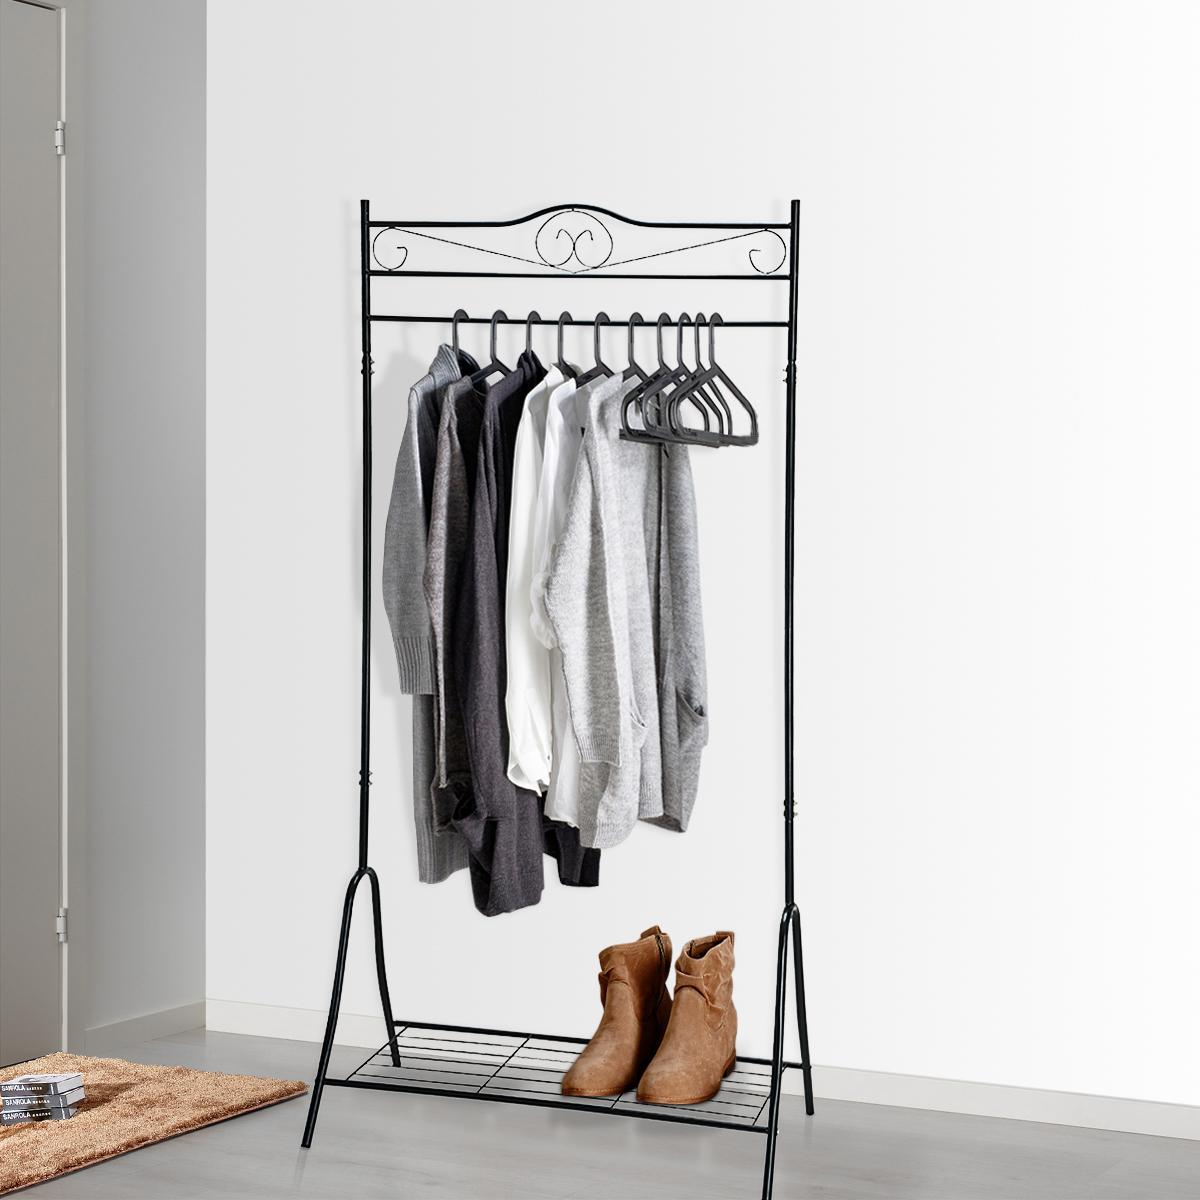 halterung kleiderstange metall wohn design. Black Bedroom Furniture Sets. Home Design Ideas